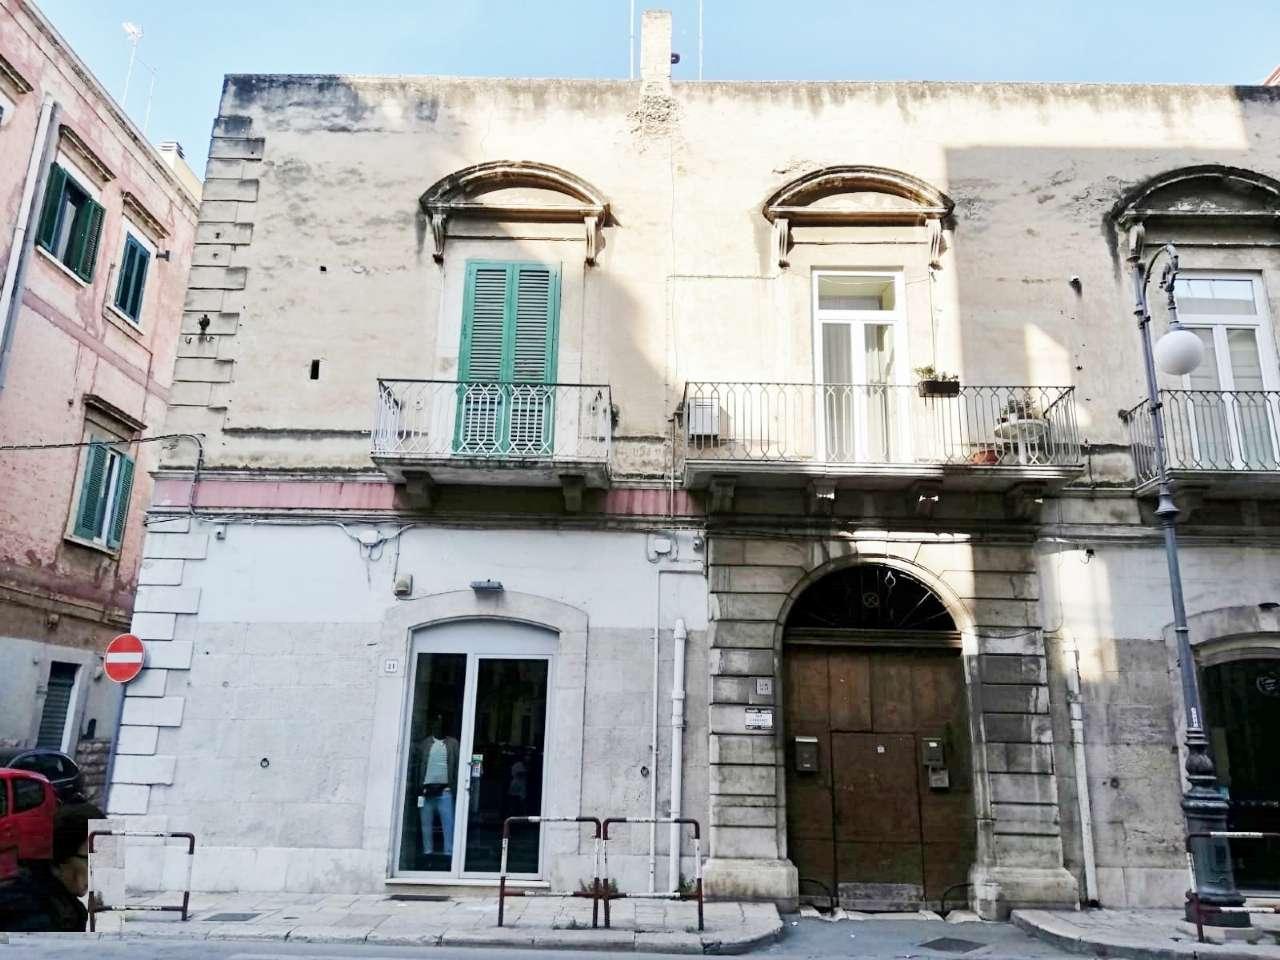 Appartamento in vendita a Bisceglie, 3 locali, prezzo € 90.000 | PortaleAgenzieImmobiliari.it